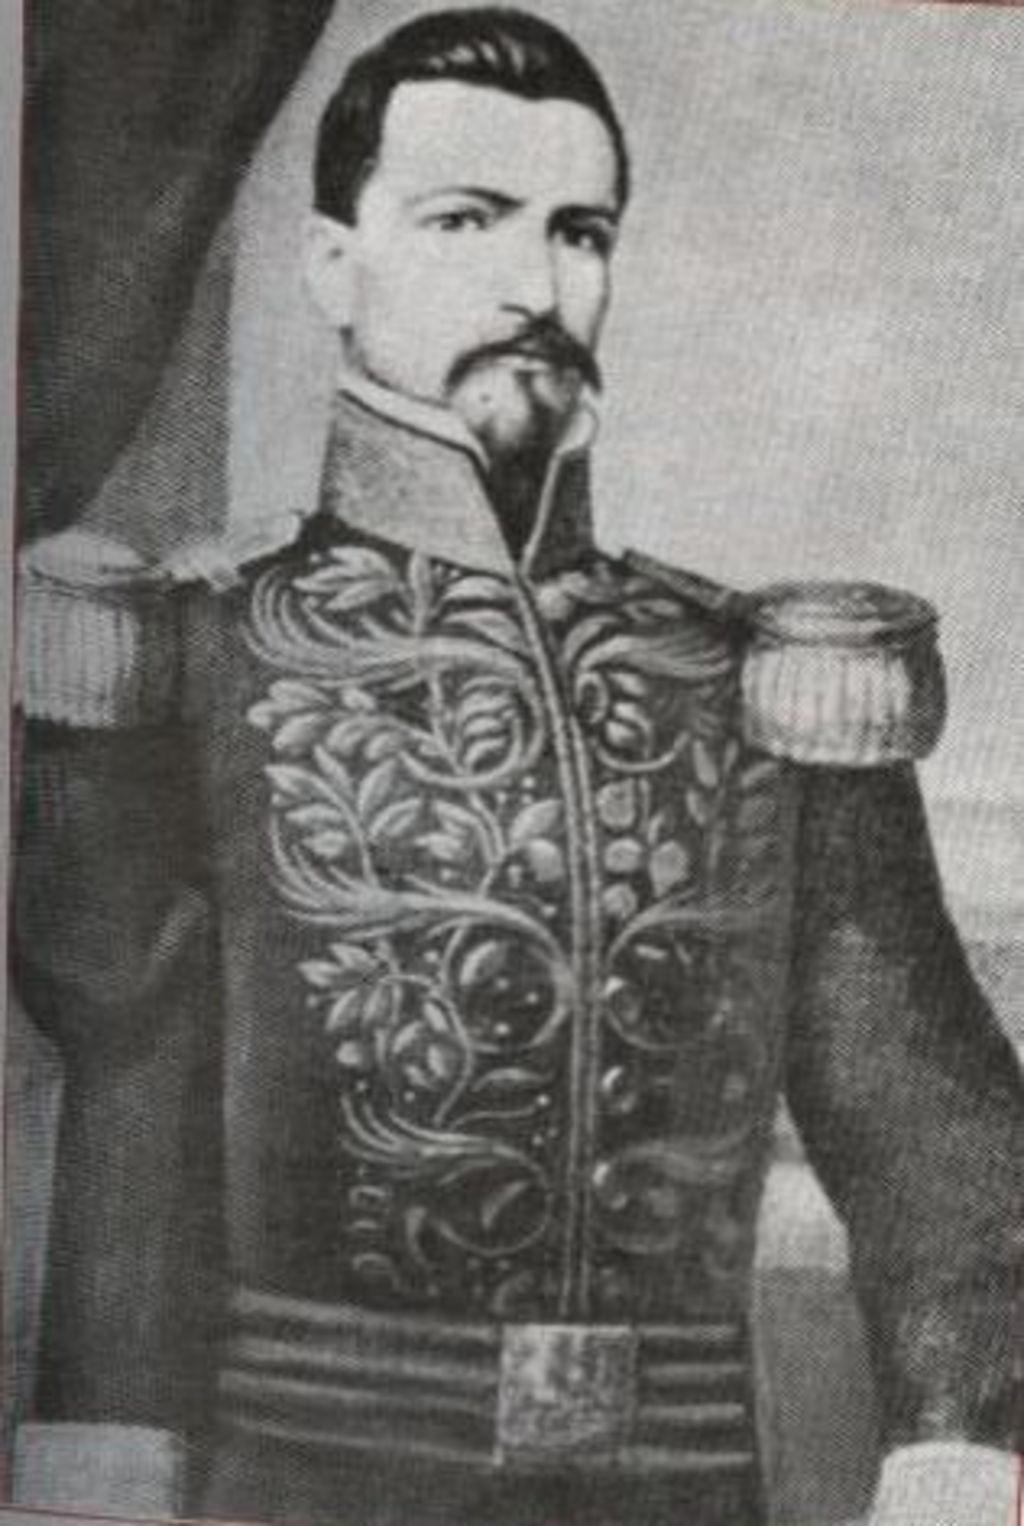 Un relámpago de triunfo: Coahuila y la batalla de la Angostura